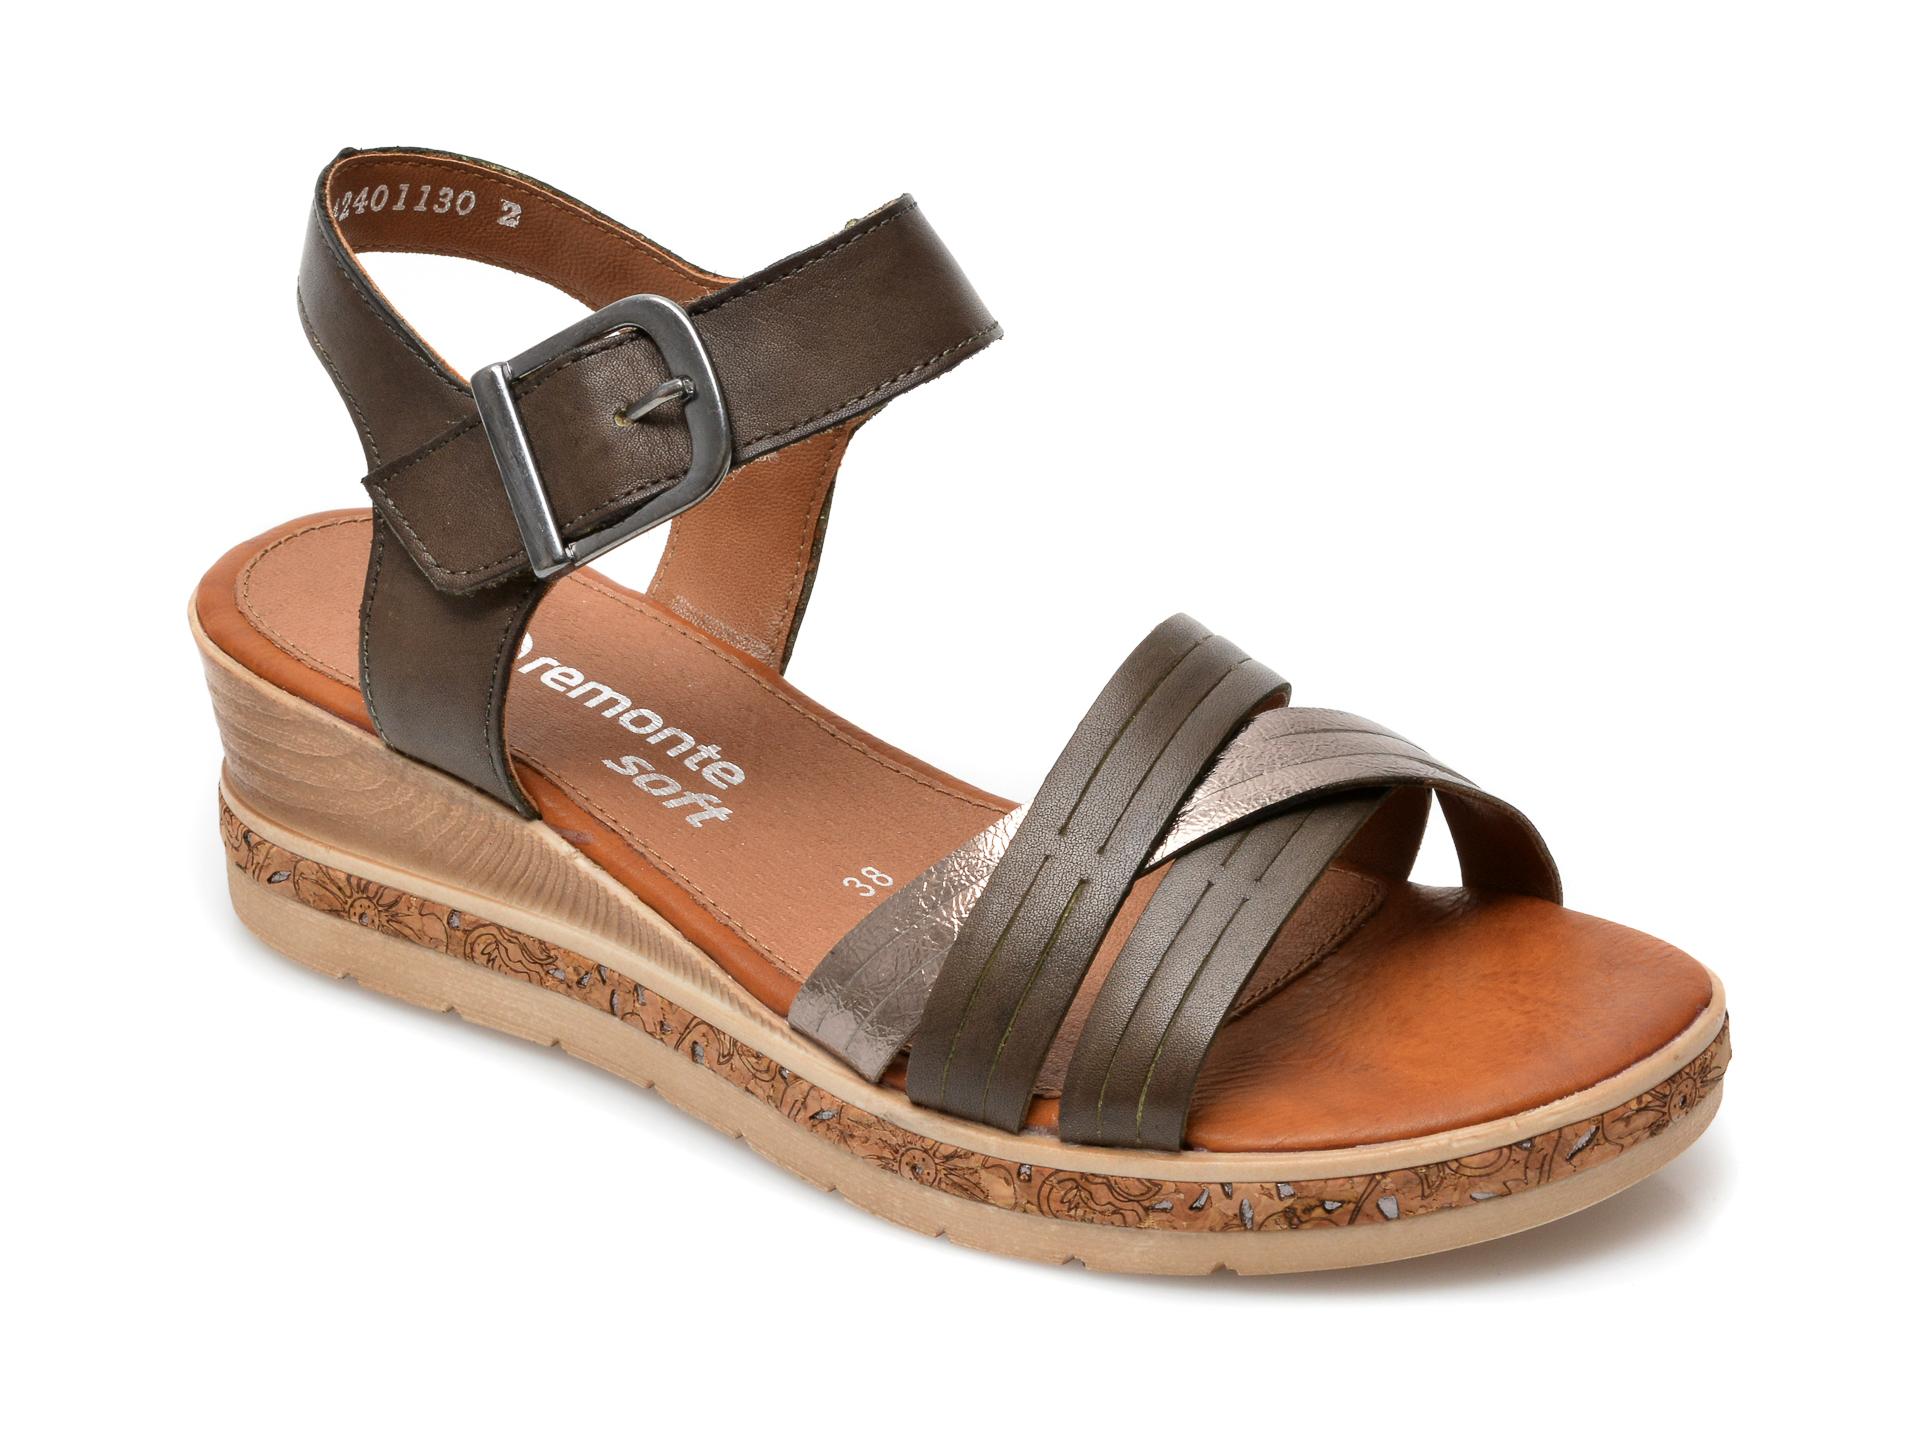 Sandale REMONTE maro, D3057, din piele naturala imagine otter.ro 2021